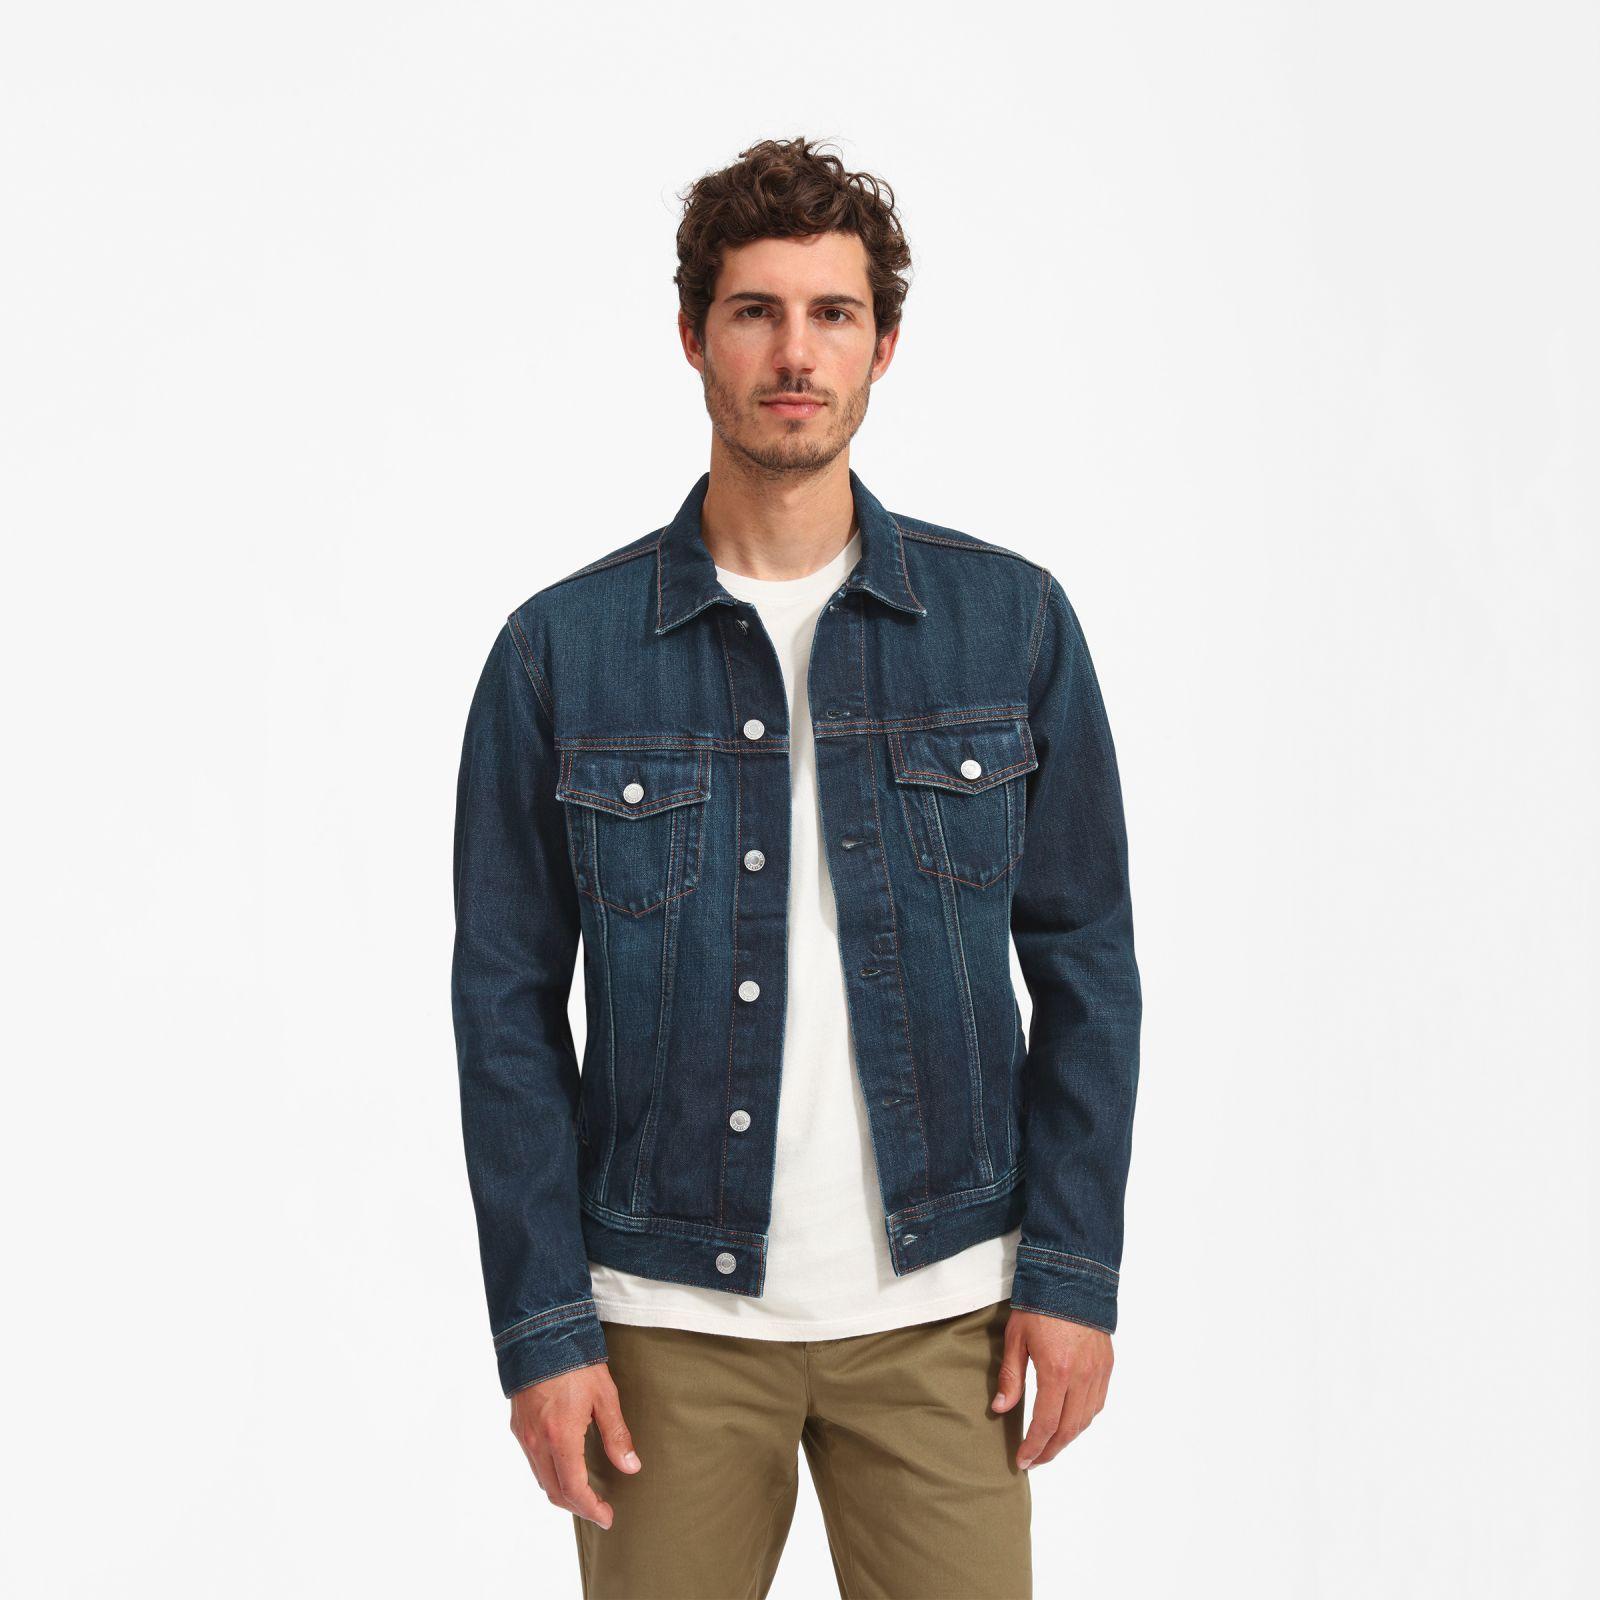 Men S Denim Jacket By Everlane In Vintage Dark Blue Wash Dark Blue Denim Jacket Blue Denim Jacket Outfit Denim Jacket Men Outfit [ 1600 x 1600 Pixel ]